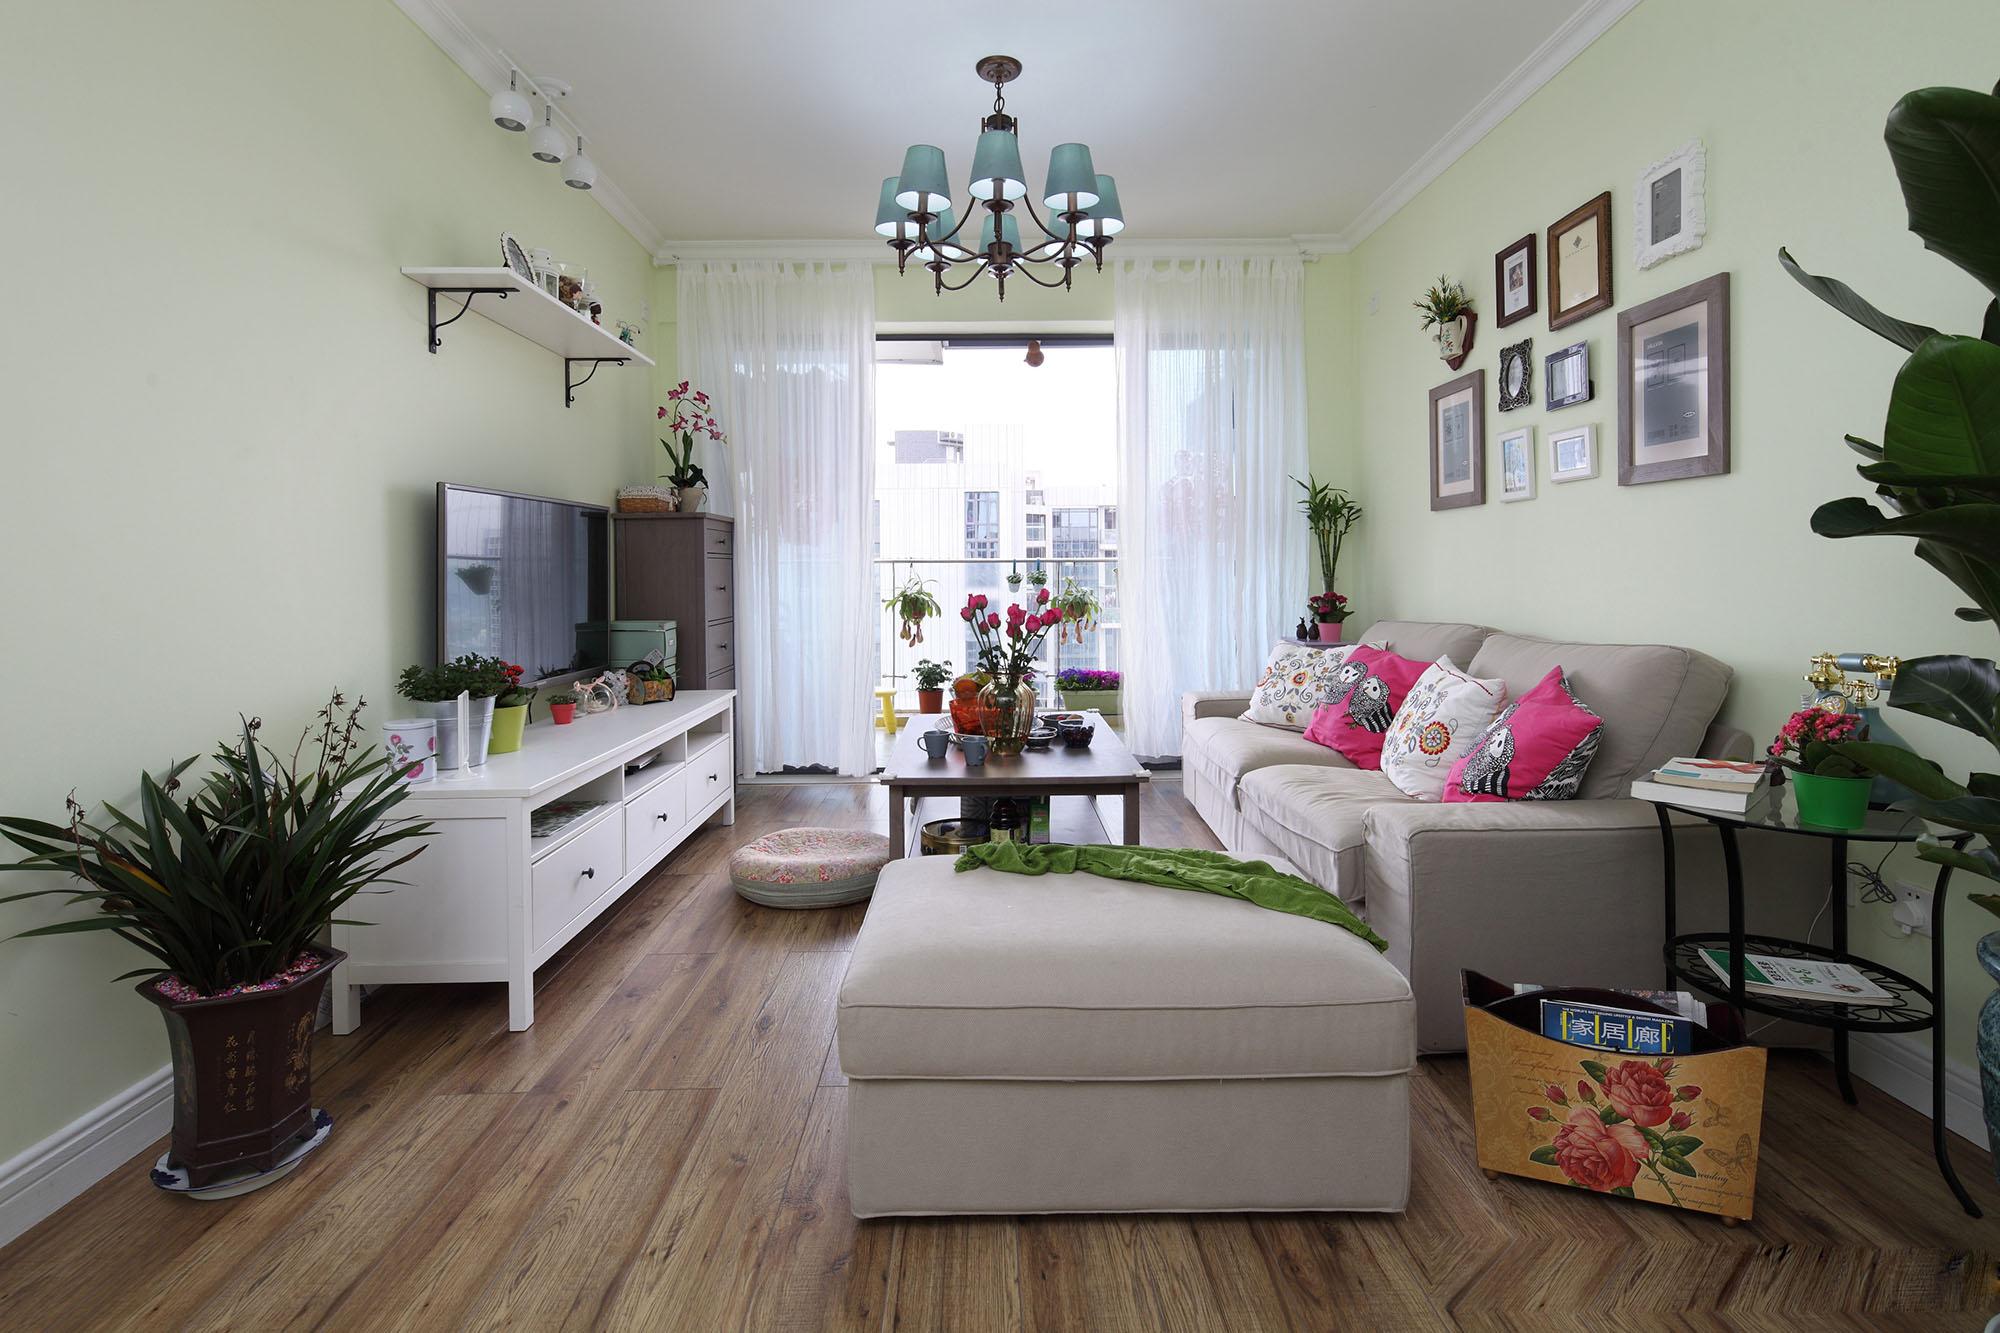 田园风格三居室客厅装修效果图